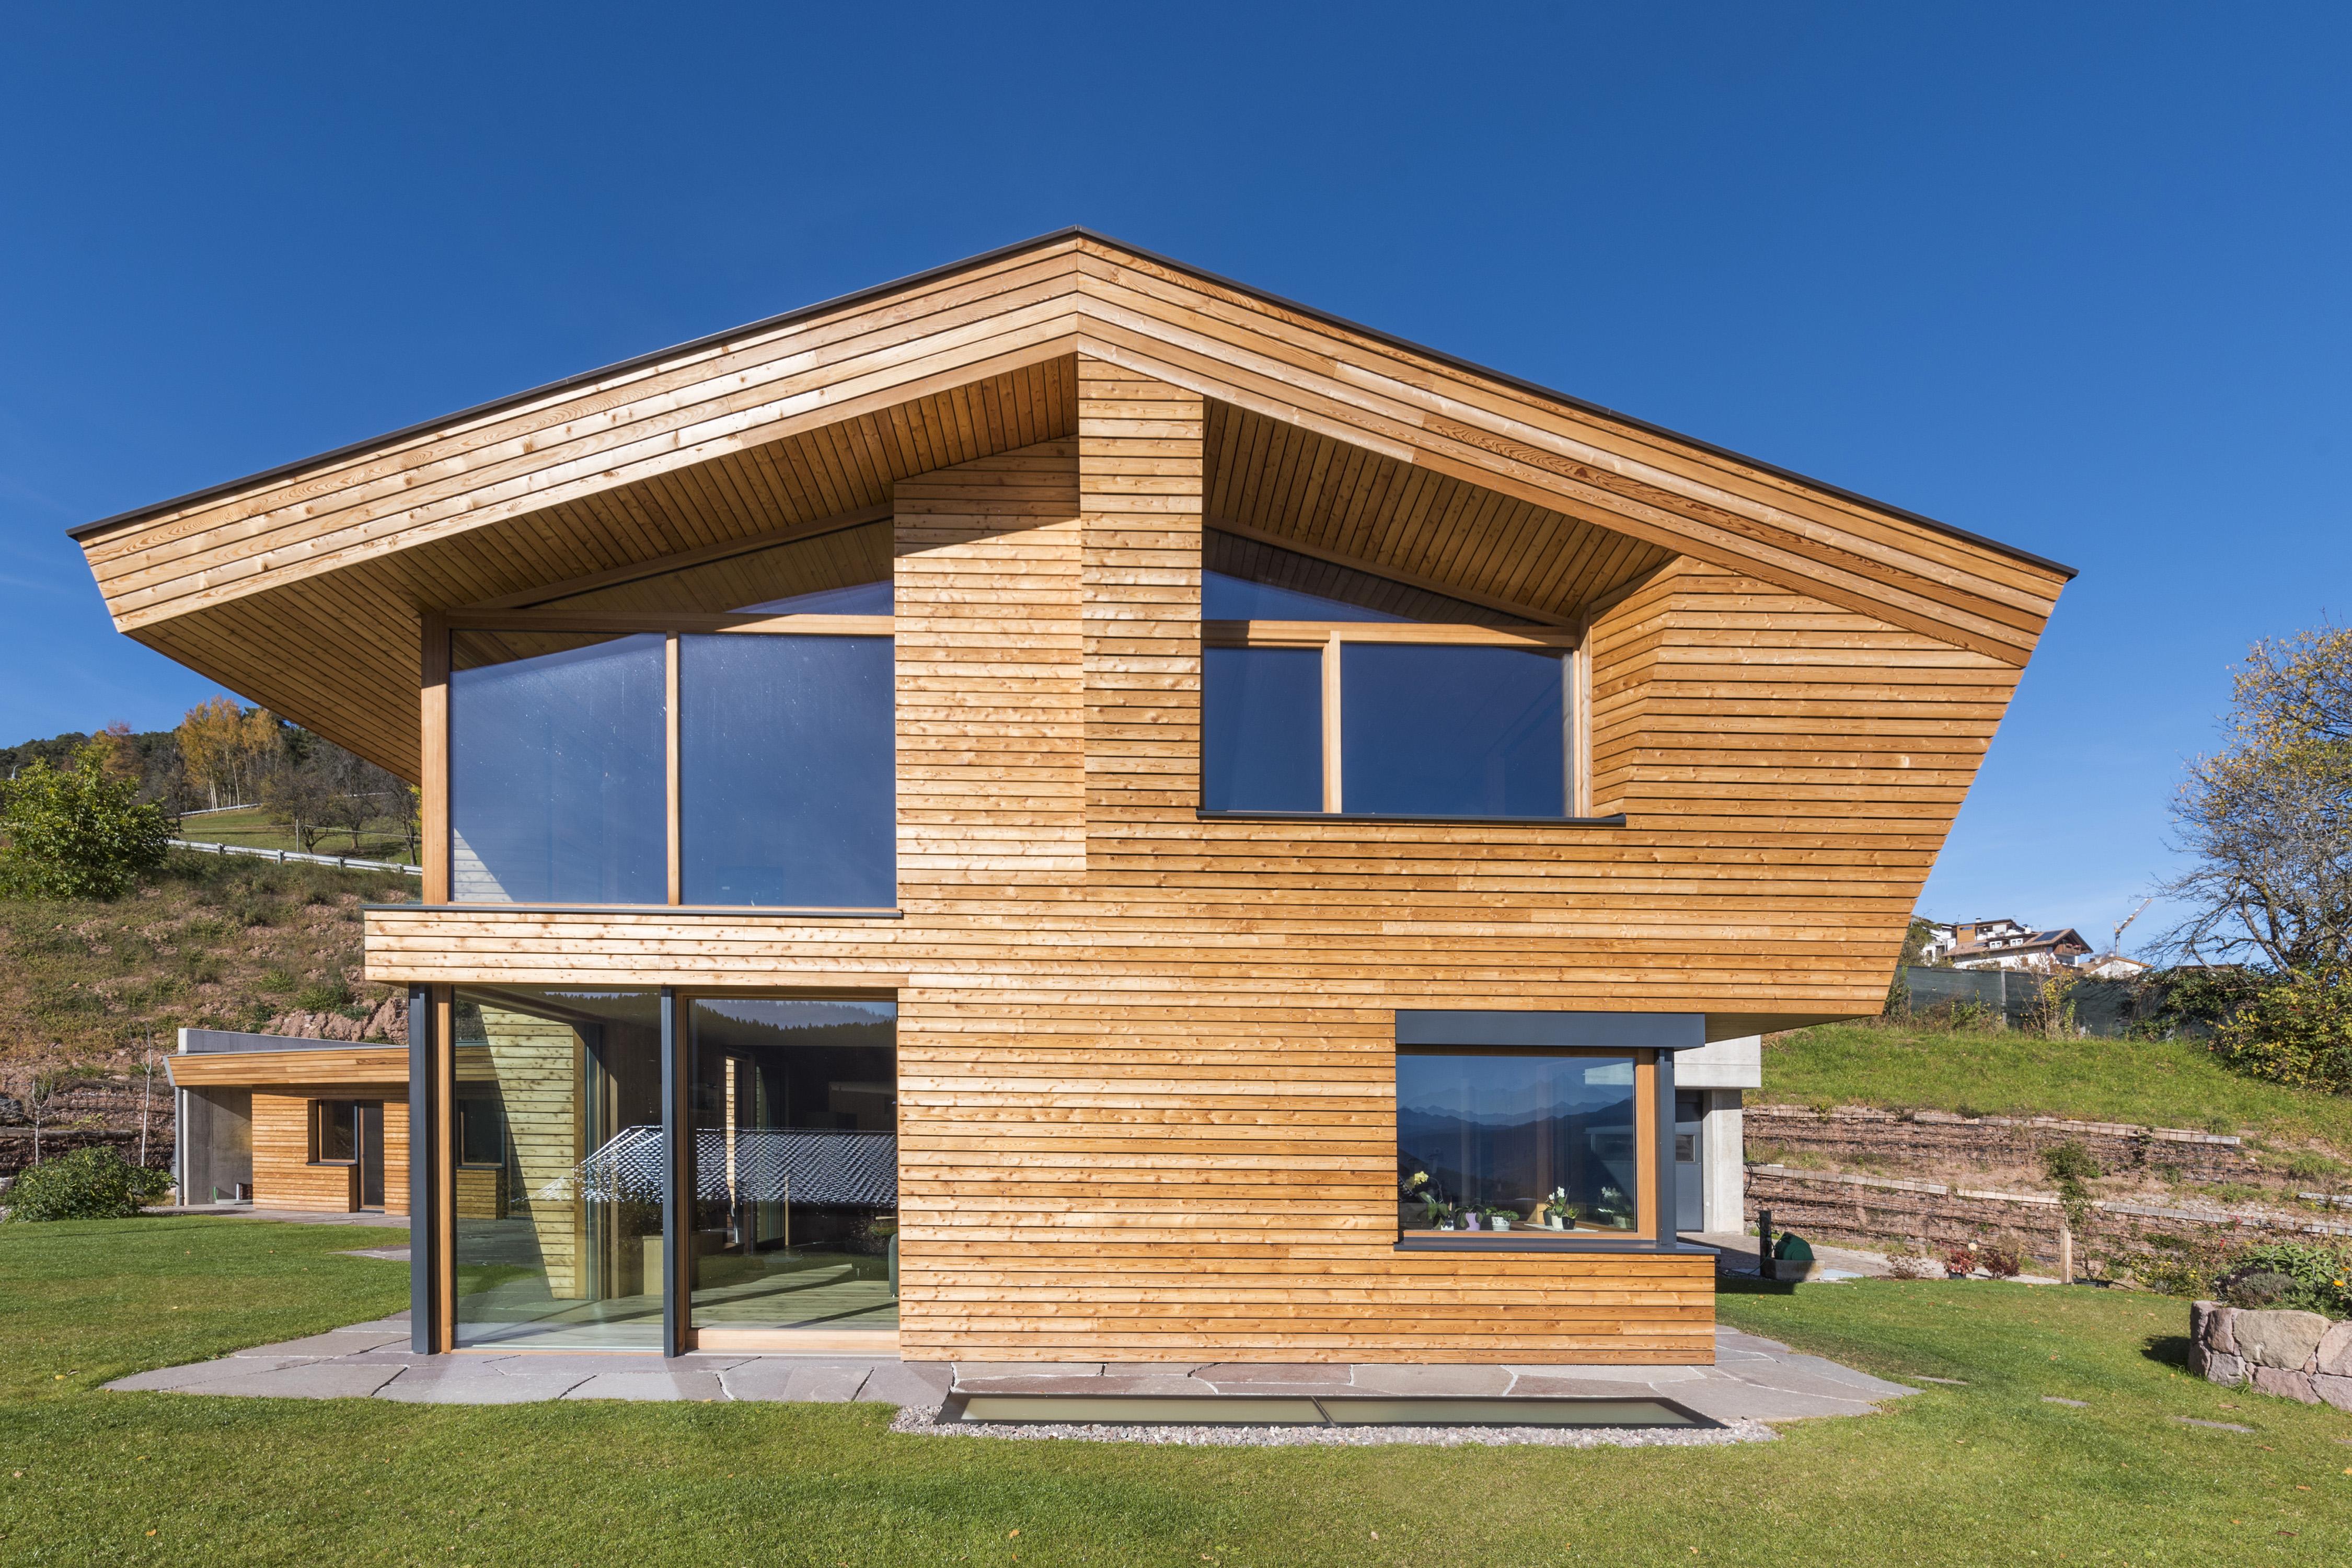 La scelta del legno lunare e di una progettazione Feng Shui hanno valorizzato l'armonia tra l'interno e l'esterno dell'edificio © Arnold Ritter